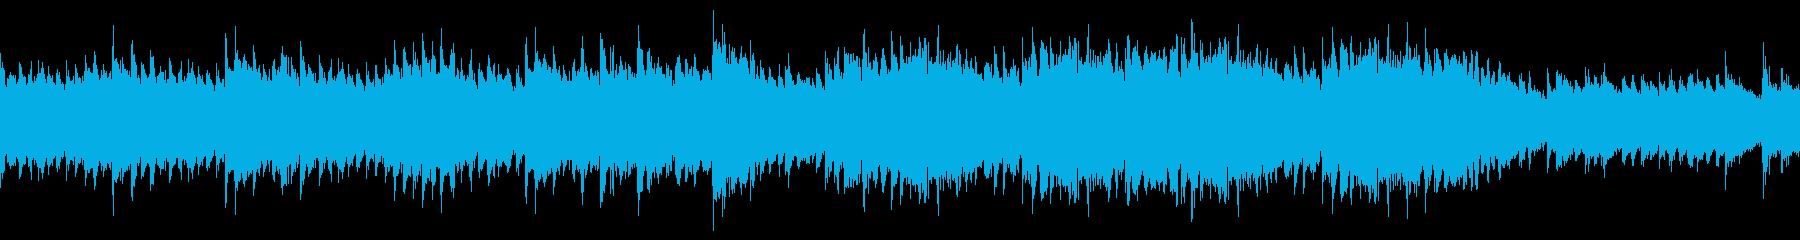 神秘的なピアノのヒーリングの再生済みの波形